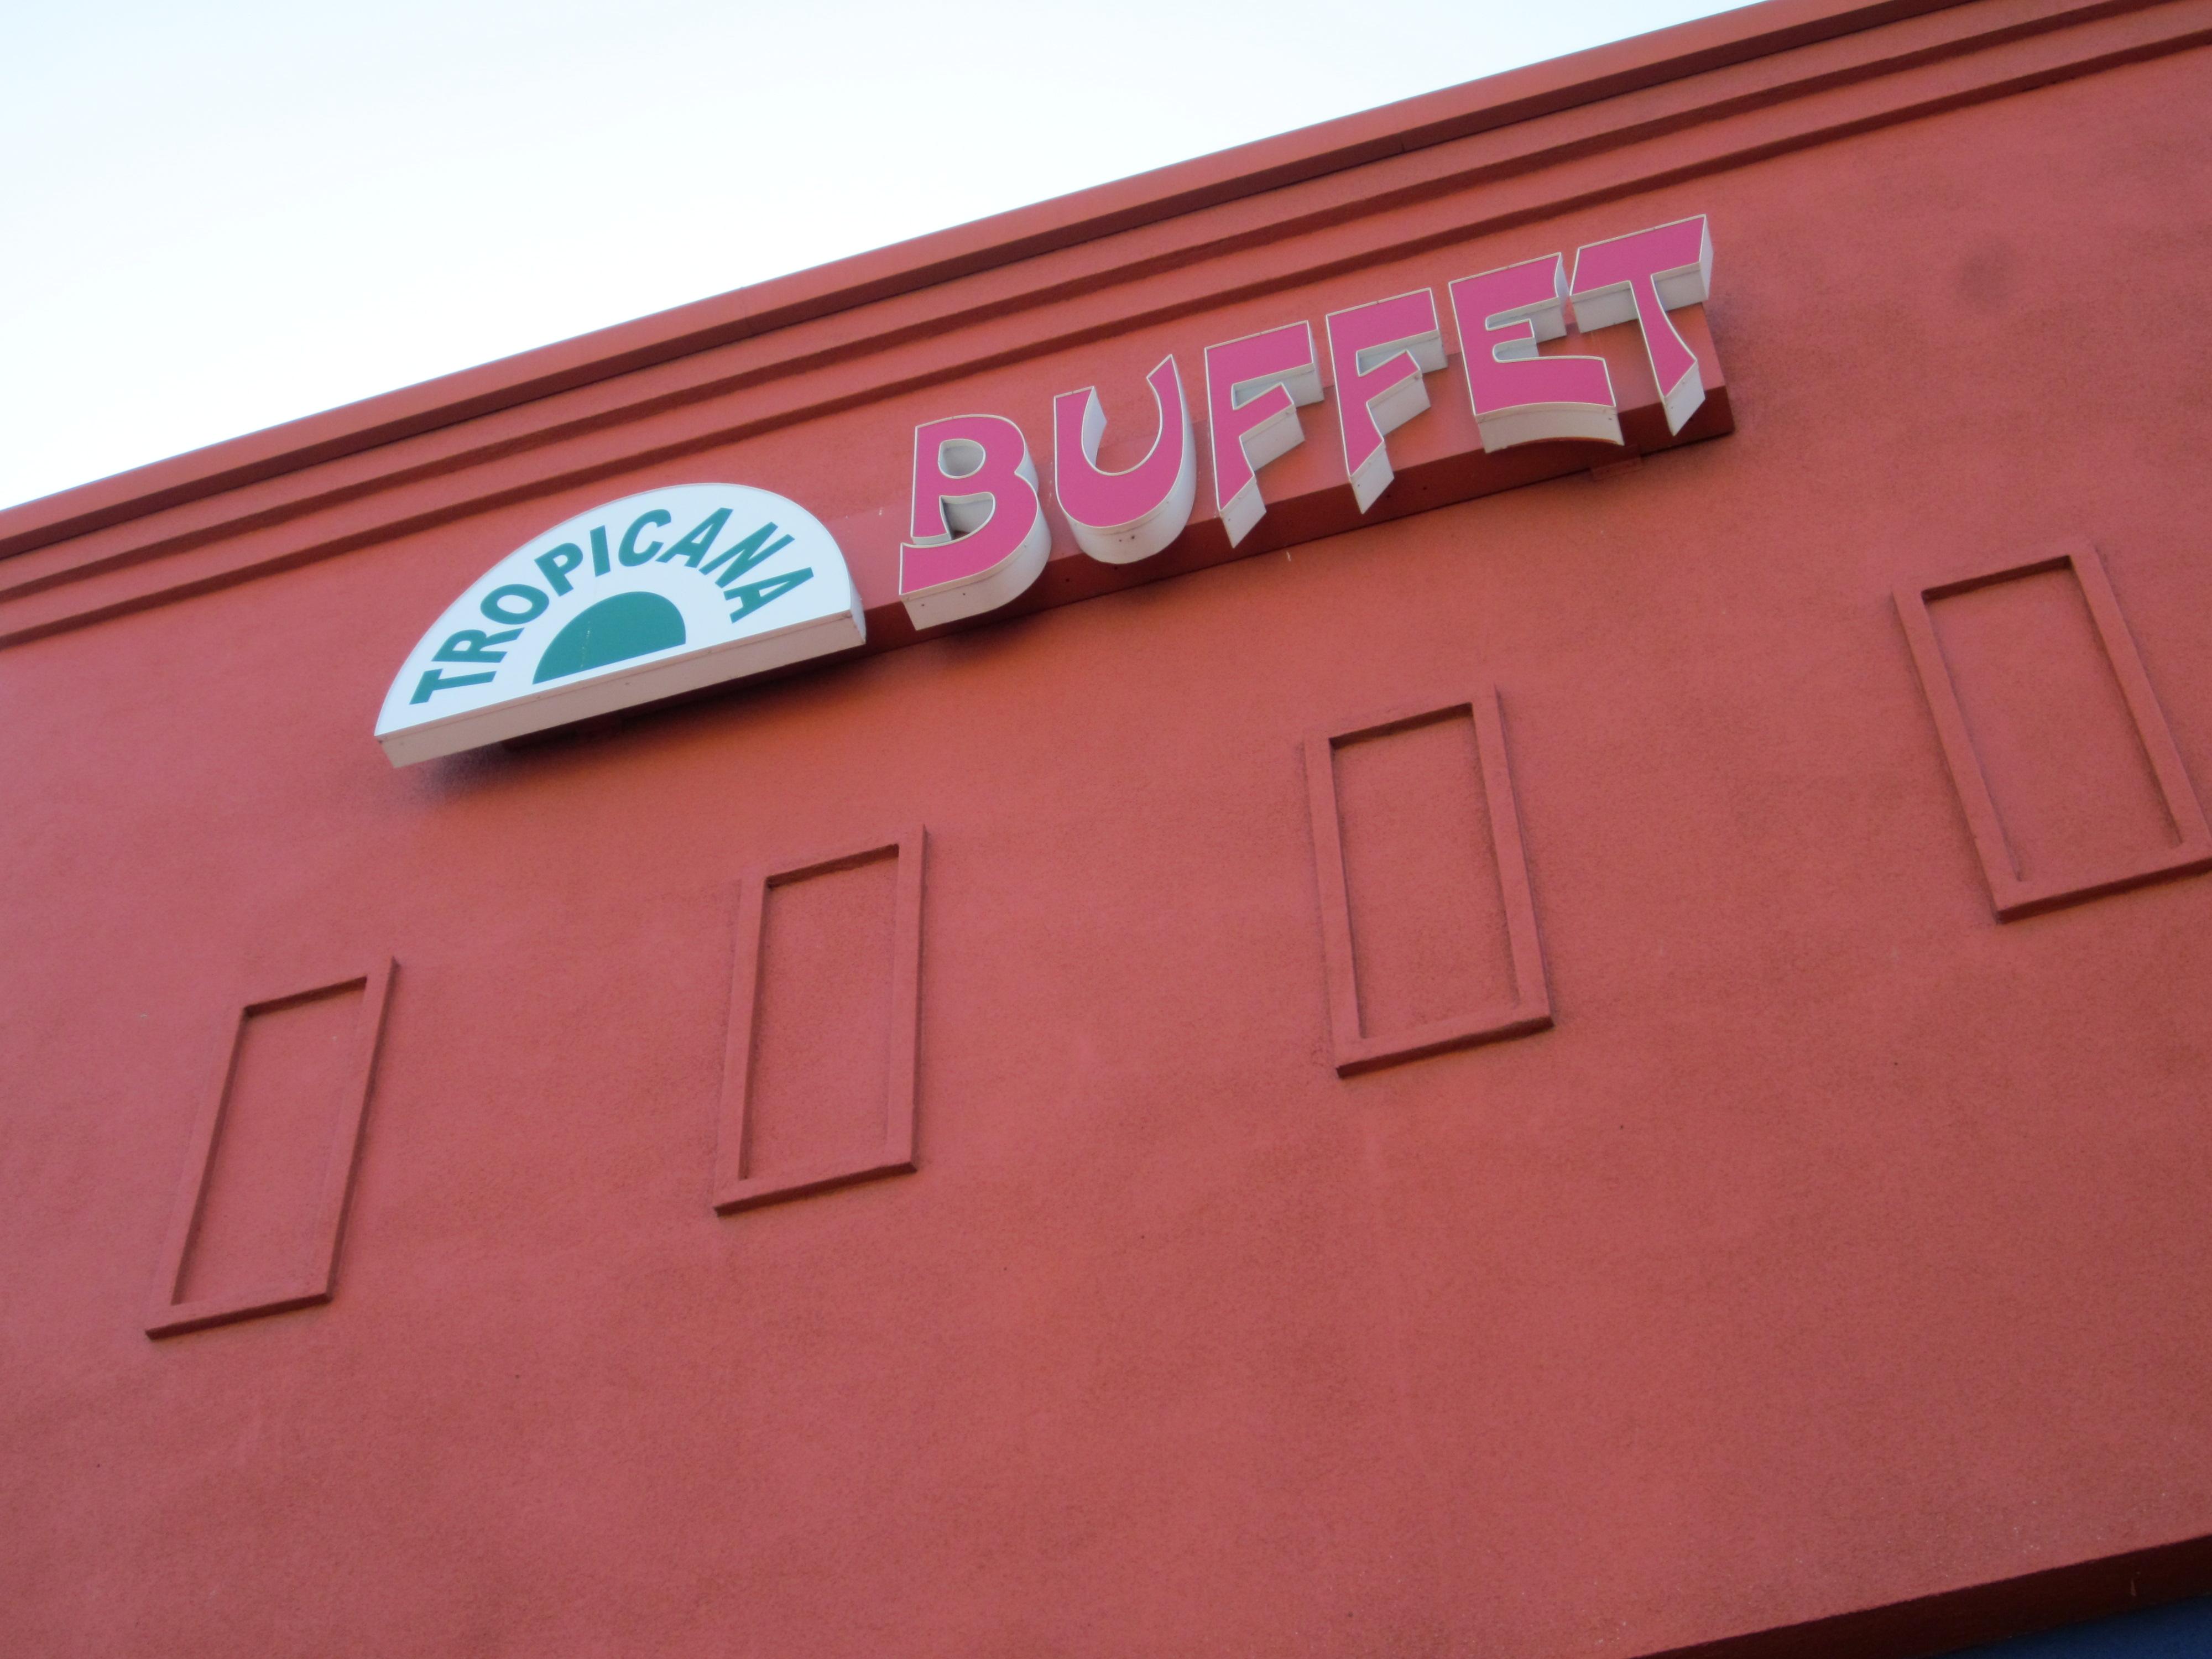 tropicana buffet san jose ca image rh waymarking com buffet san jose costa rica buffet san jose ca